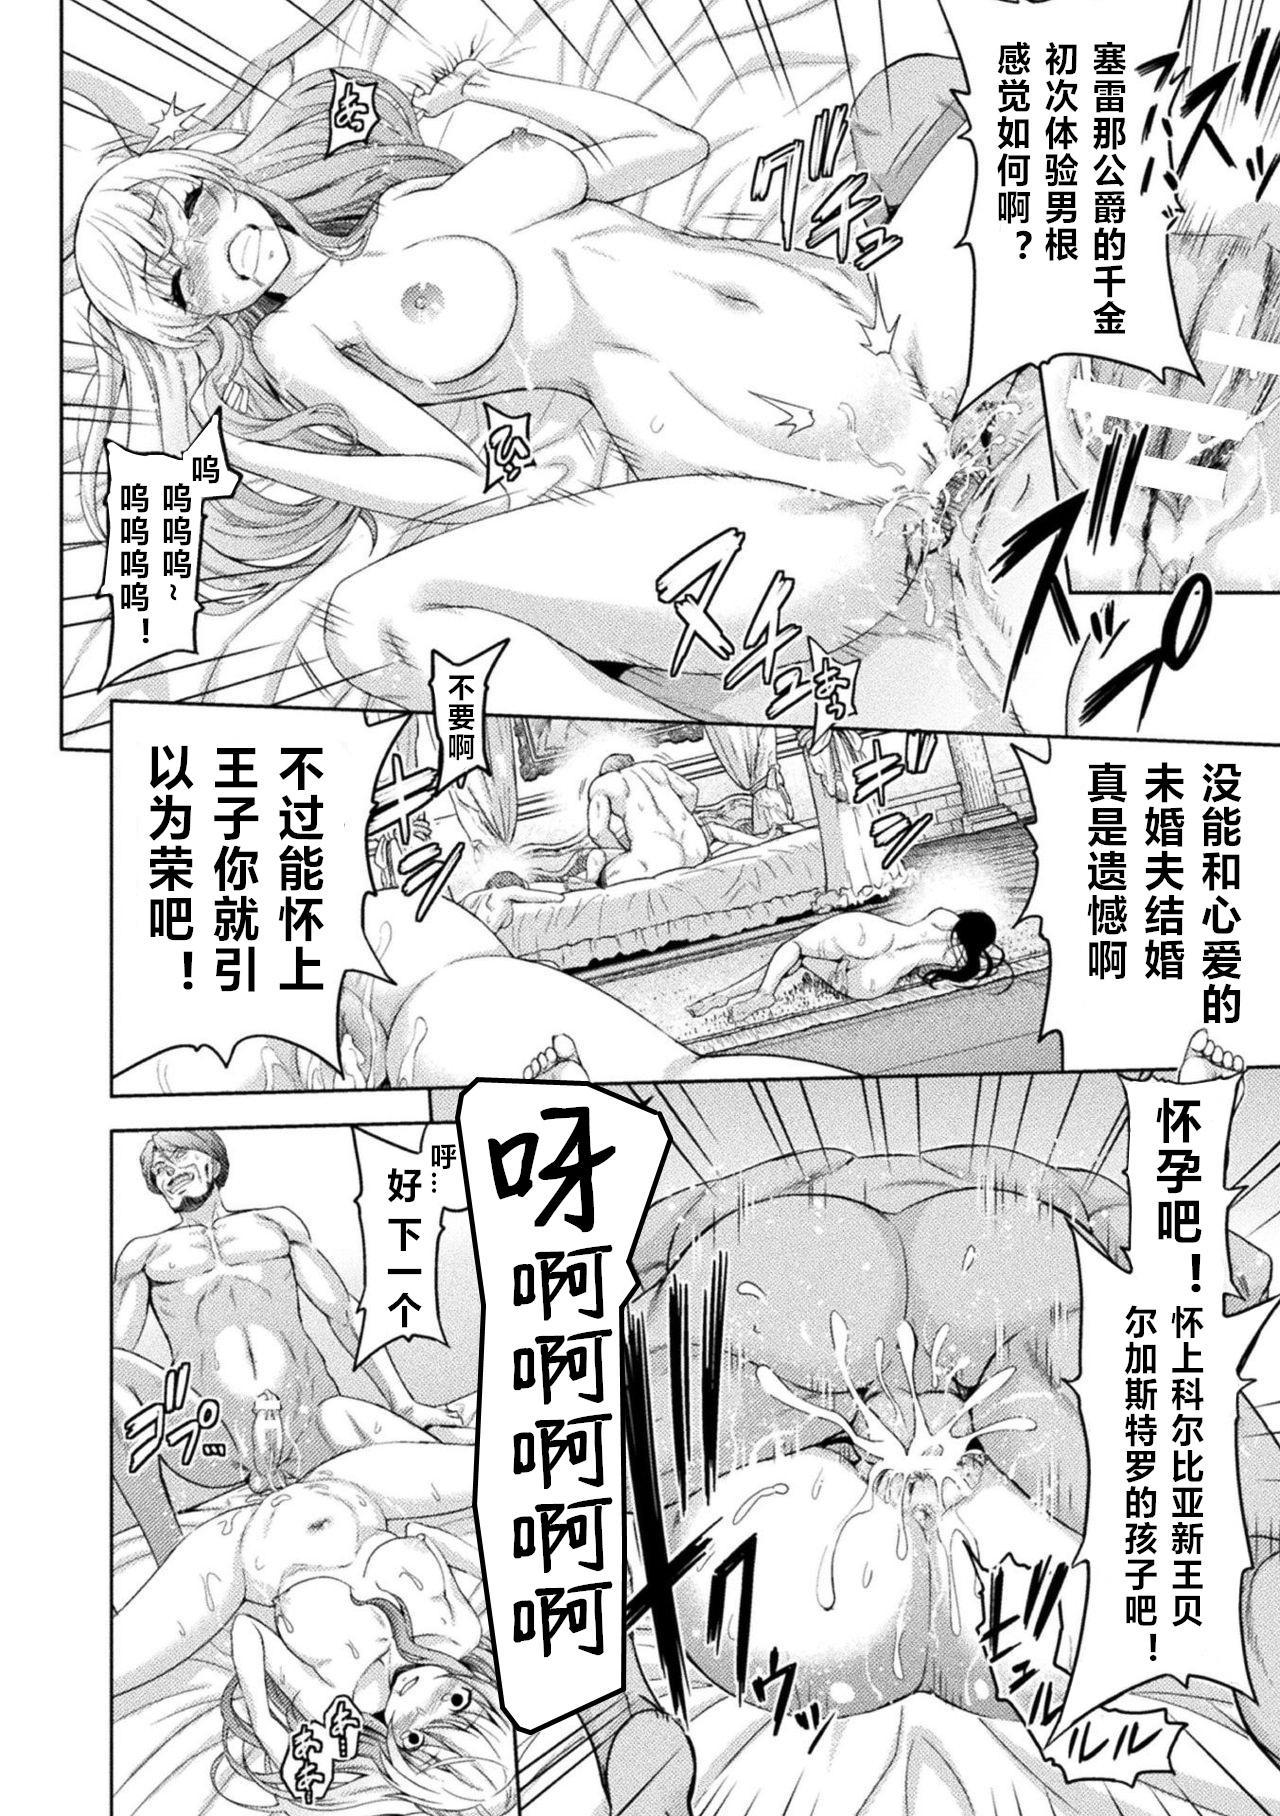 ERONA Orc no Inmon ni Okasareta Onna Kishi no Matsuro Ch. 1-5 79